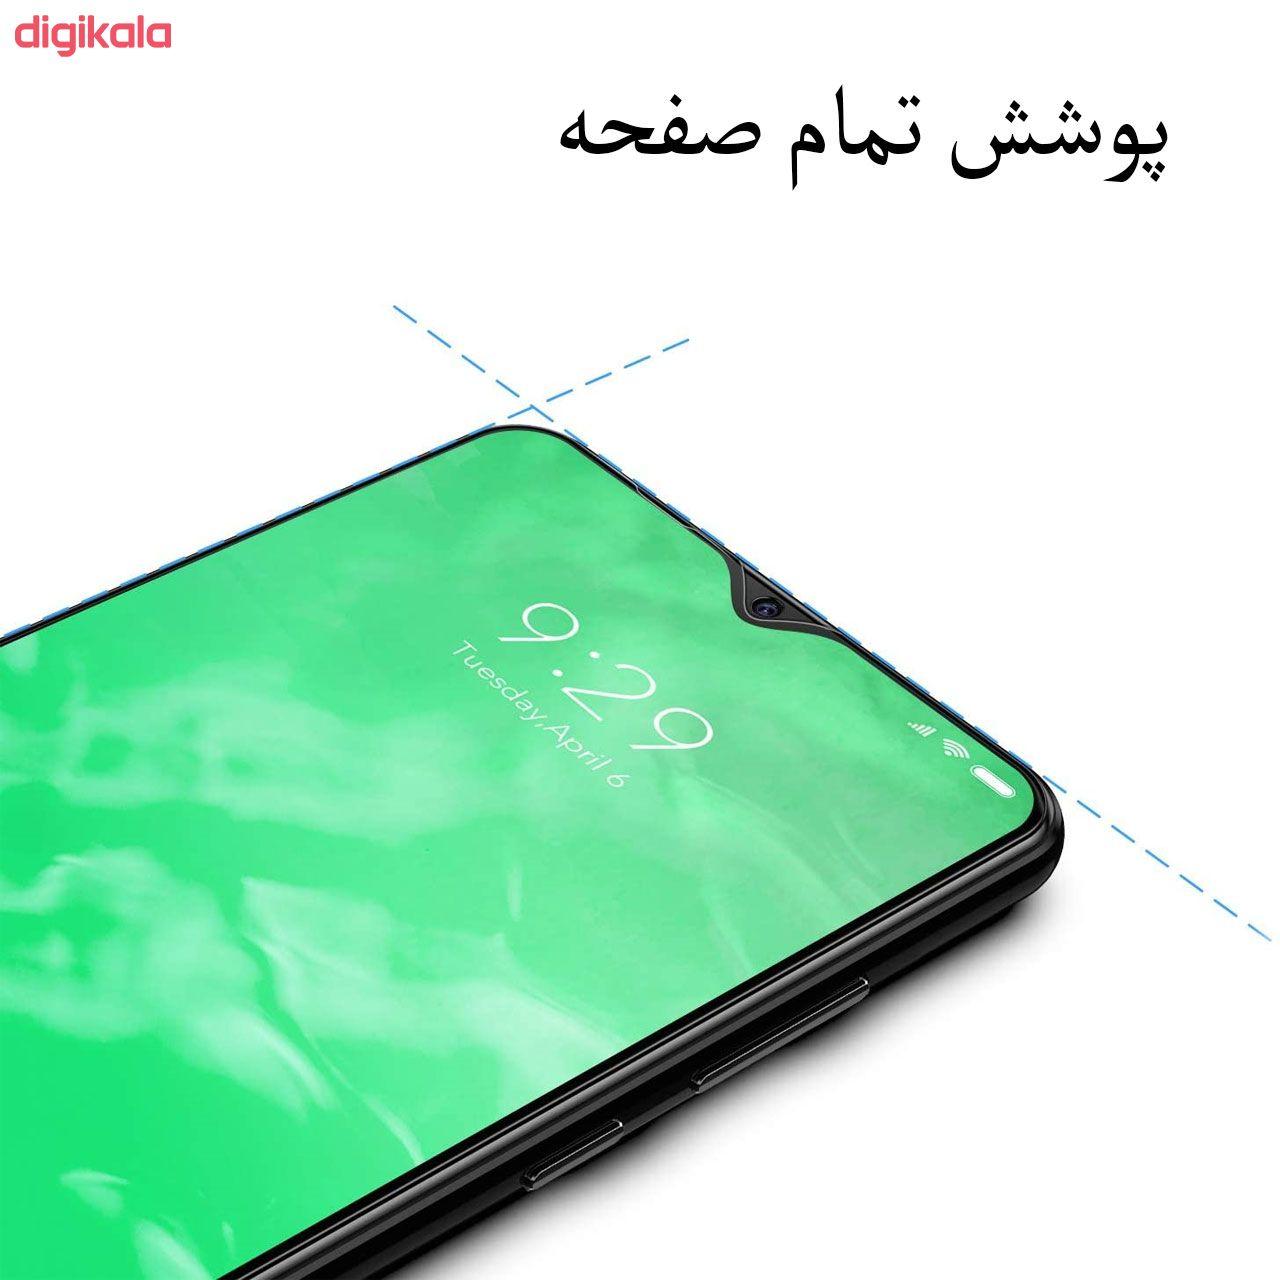 محافظ صفحه نمایش مدل FCG مناسب برای گوشی موبایل سامسونگ Galaxy A12 main 1 2